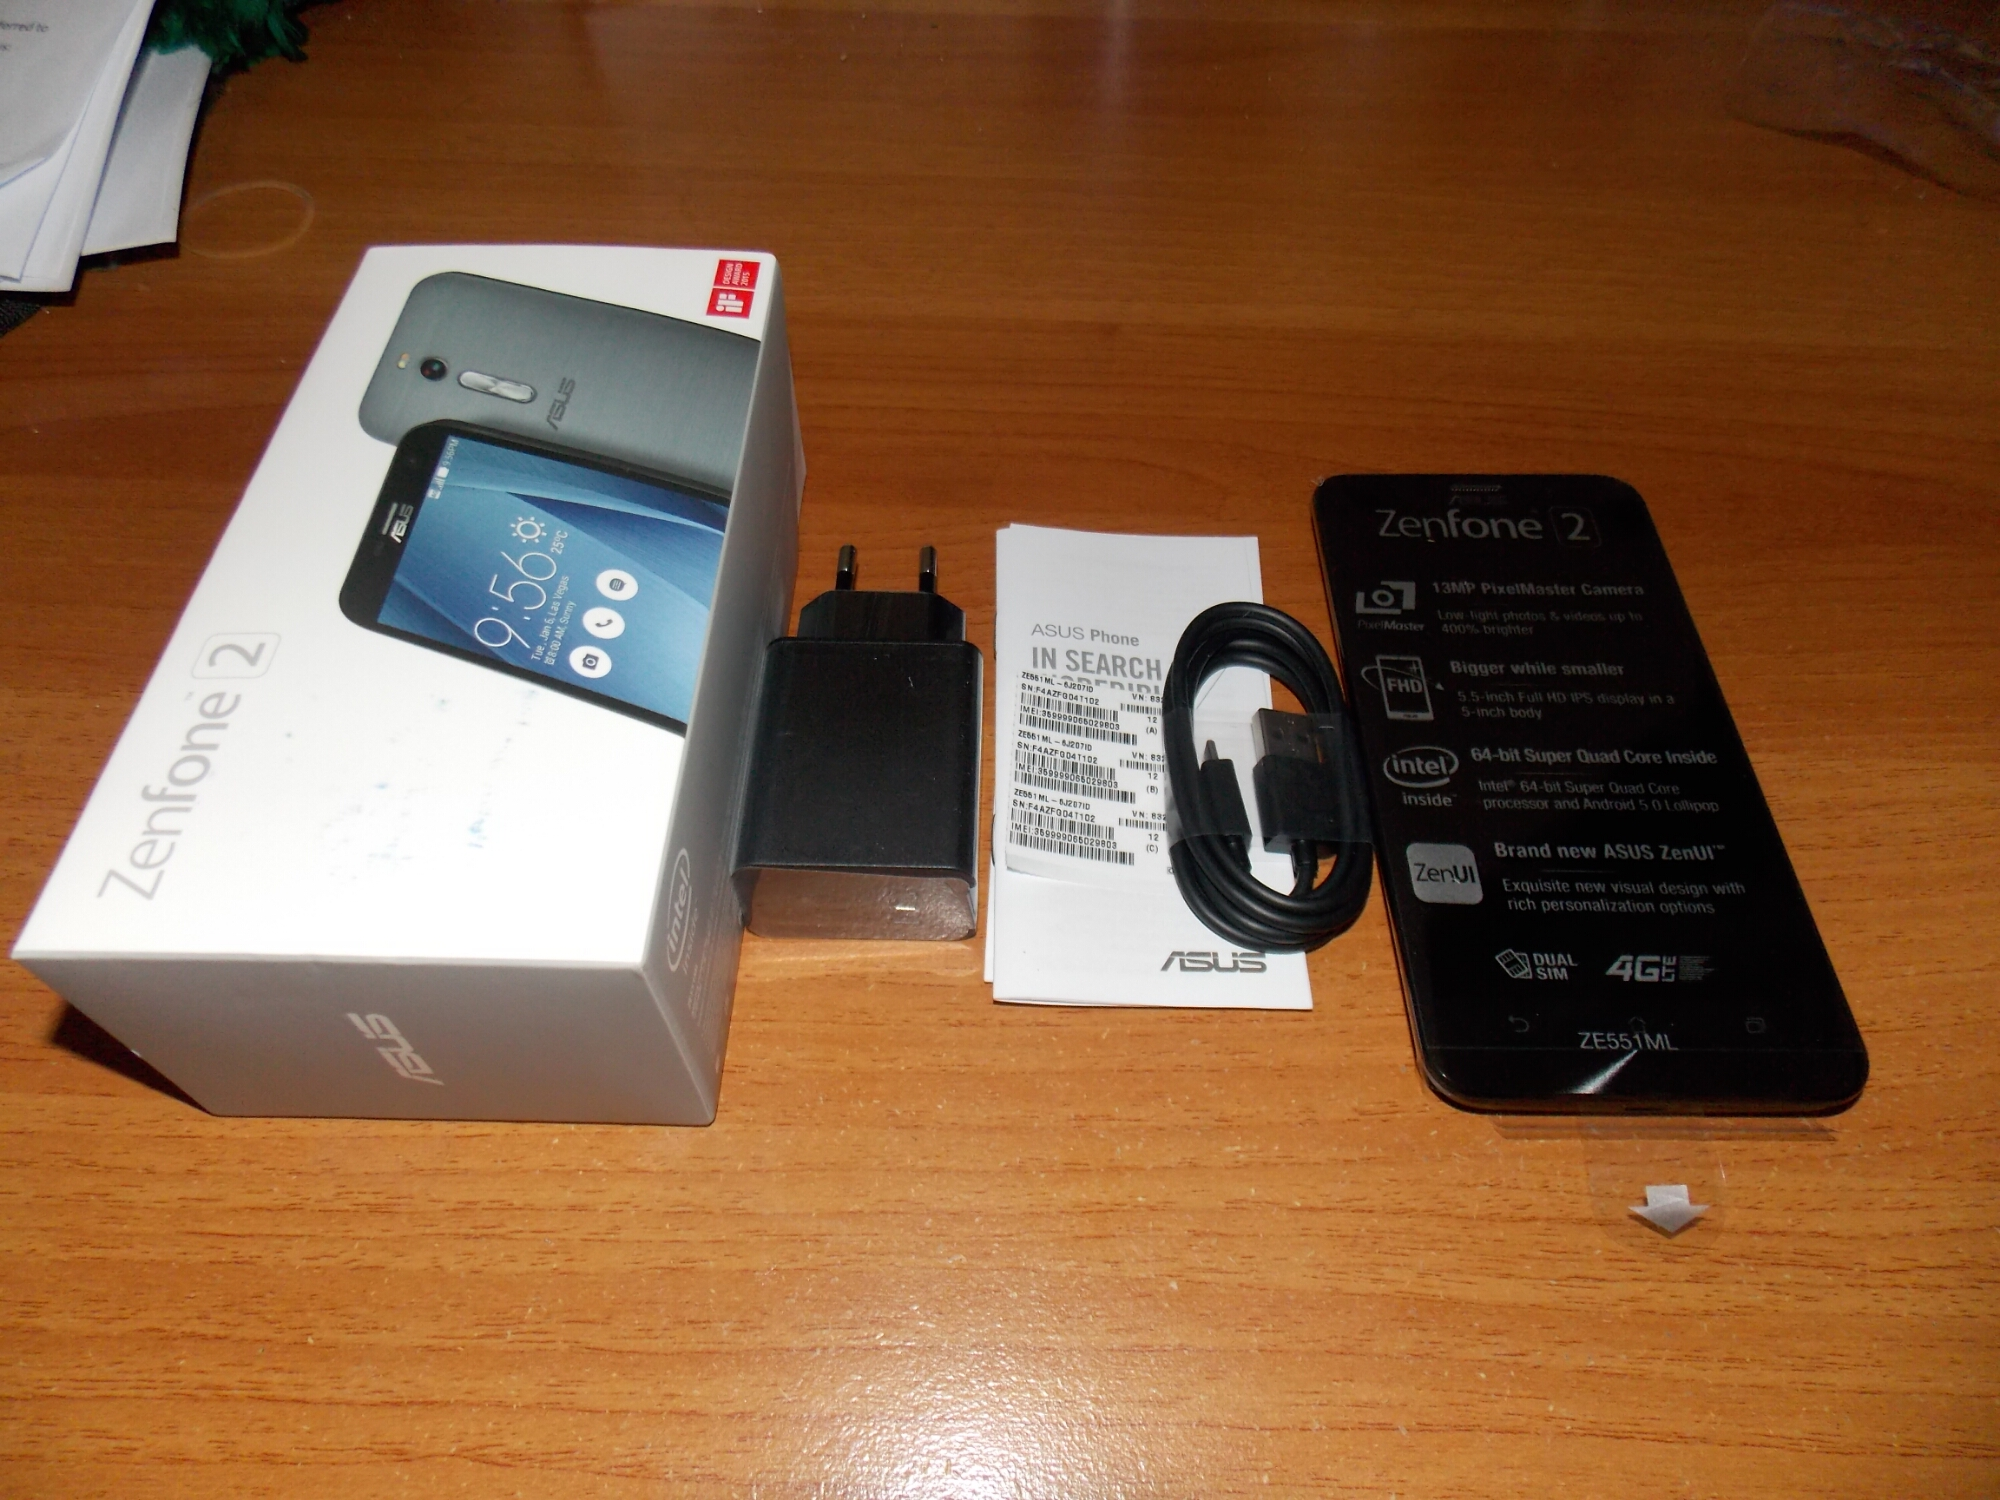 Image Untuk Kamu Yang Penasaran Dengan Smartphone Keren Buatan Asus Ini Berikut Review Dari Zenfone 2 Varian RAM 4GB Dan Memori Internal 32GB